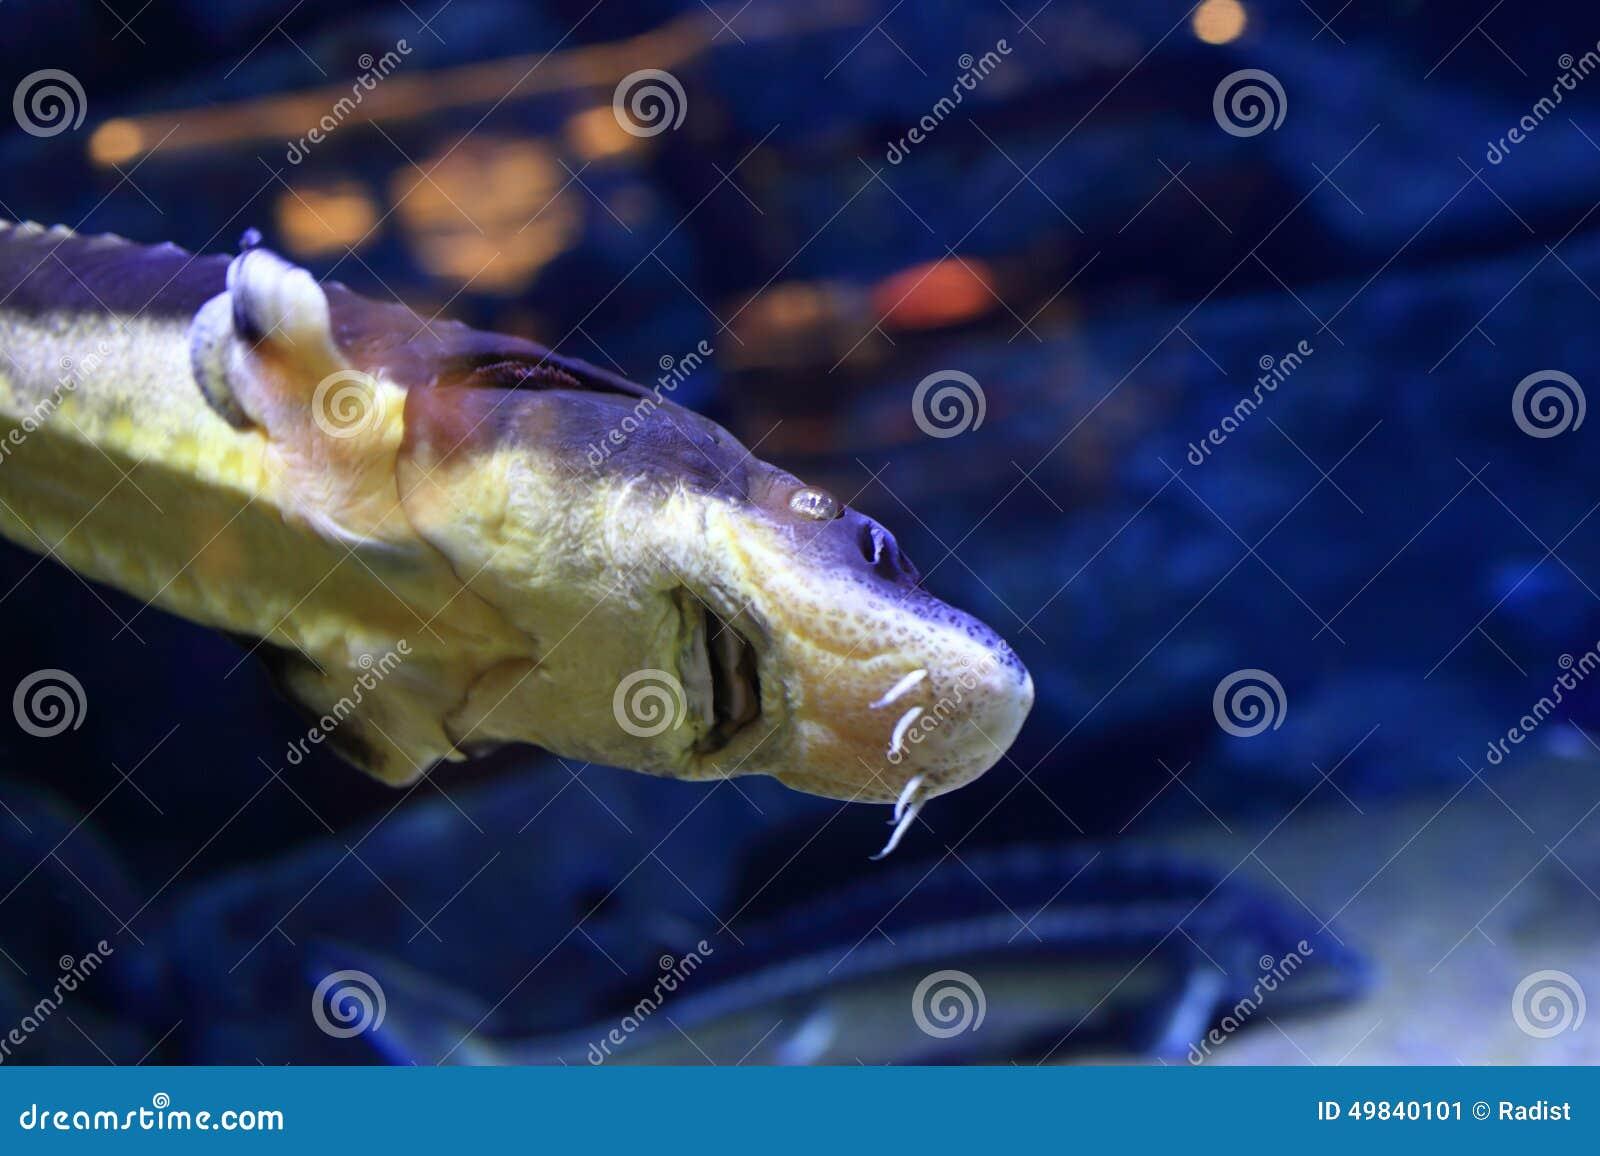 Fish in big aquarium - Blue Fish In The Big Aquarium